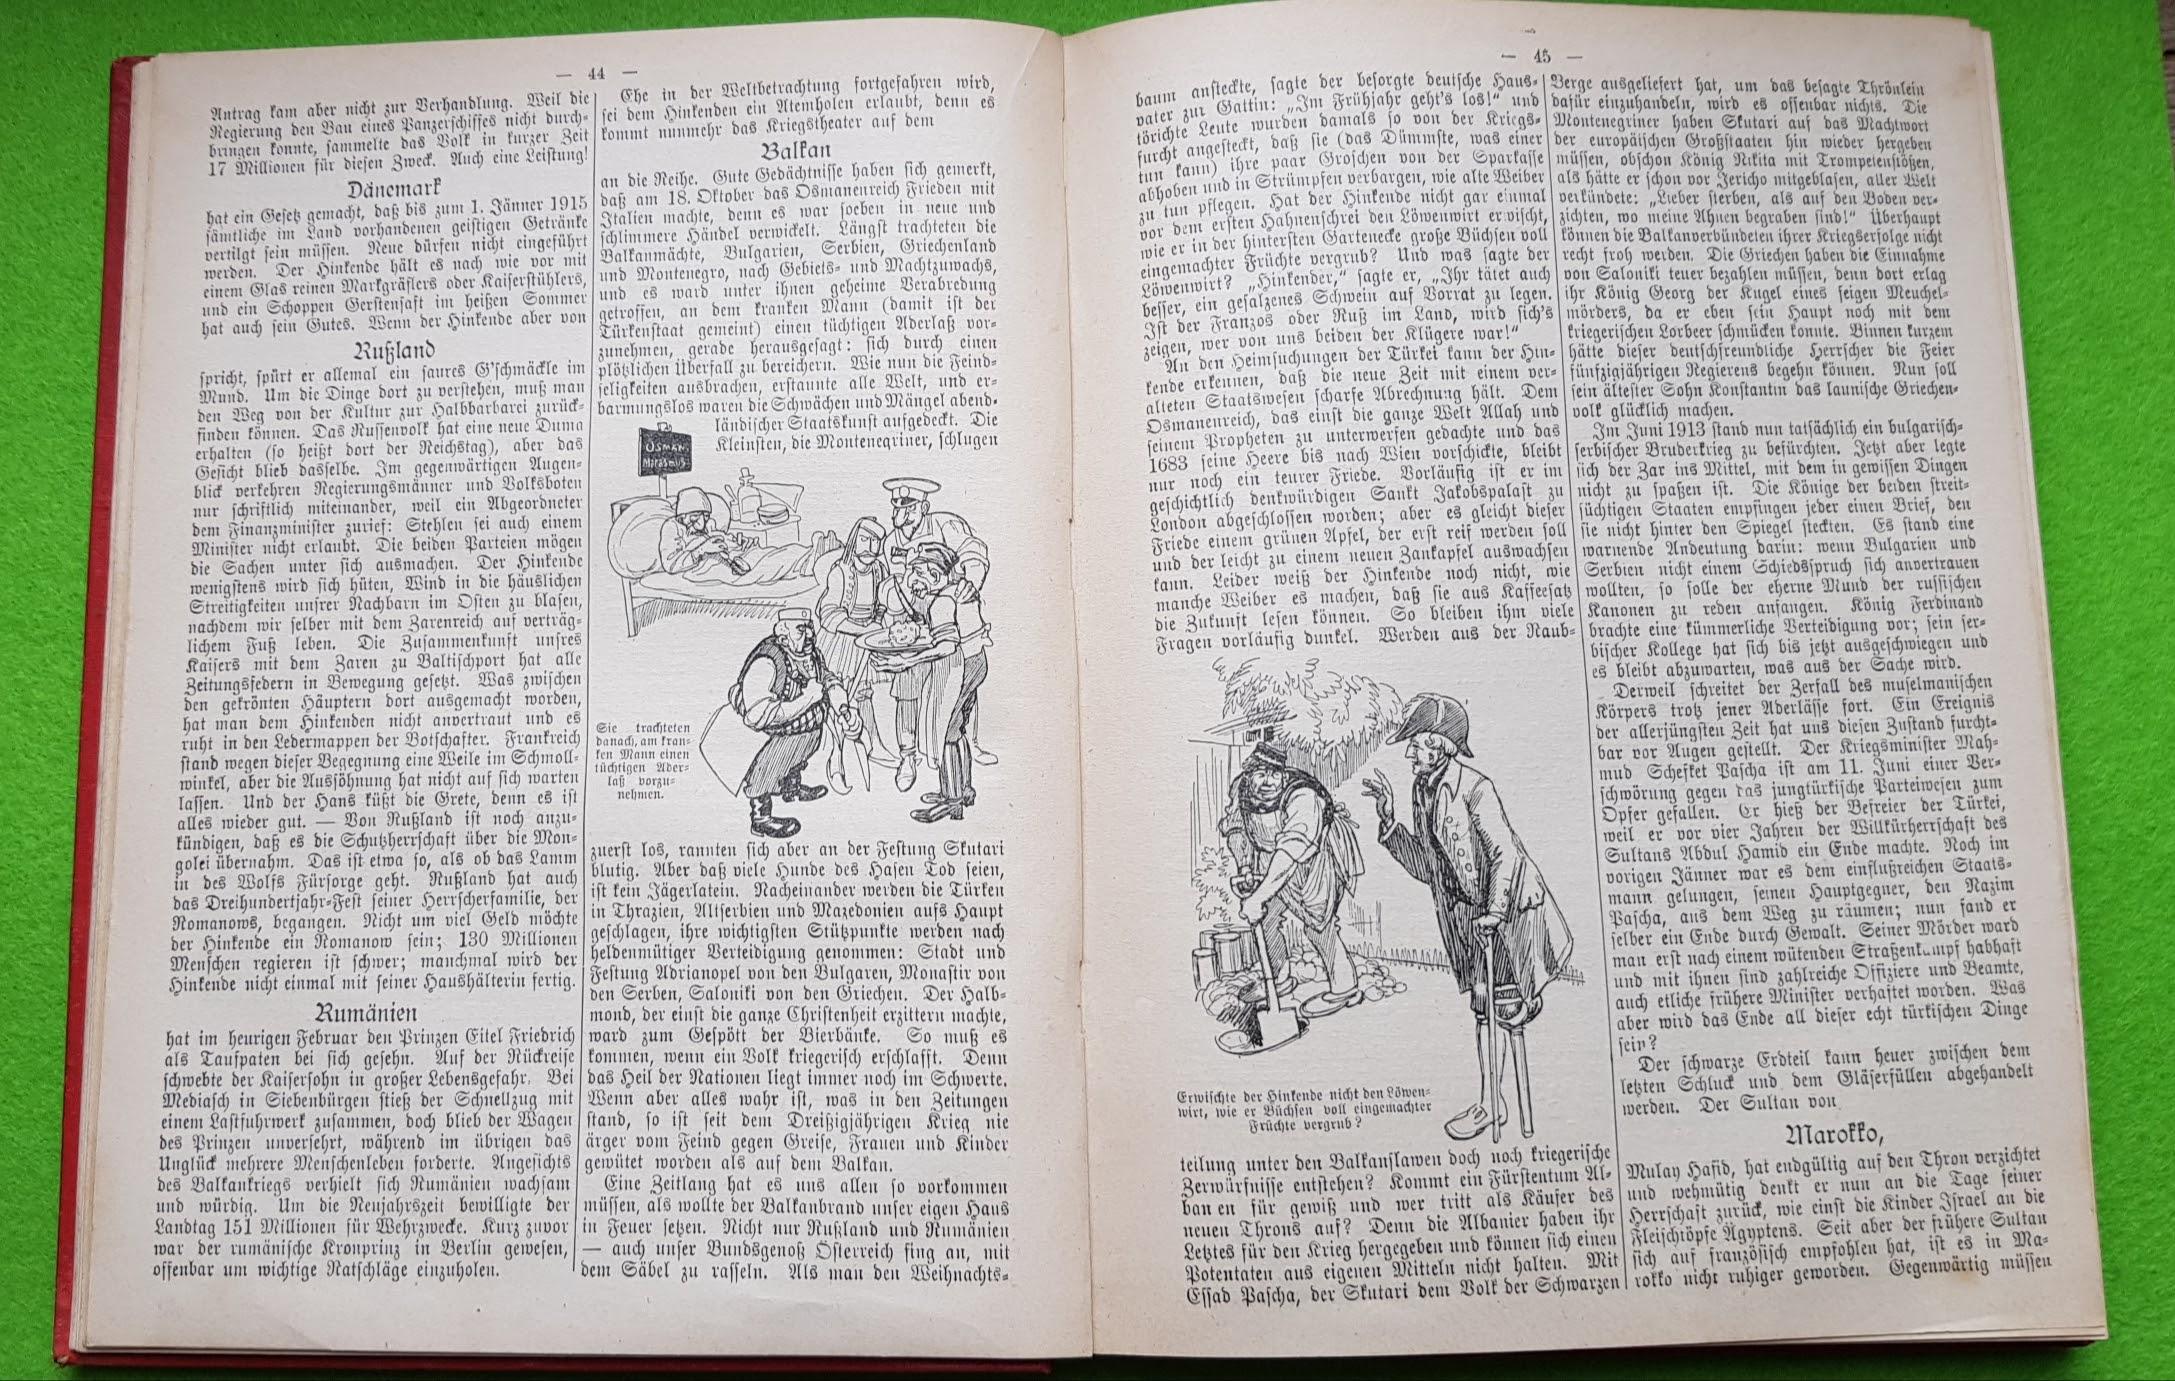 Lahrer hinkender Bote 1914 - Weltbegebenheiten